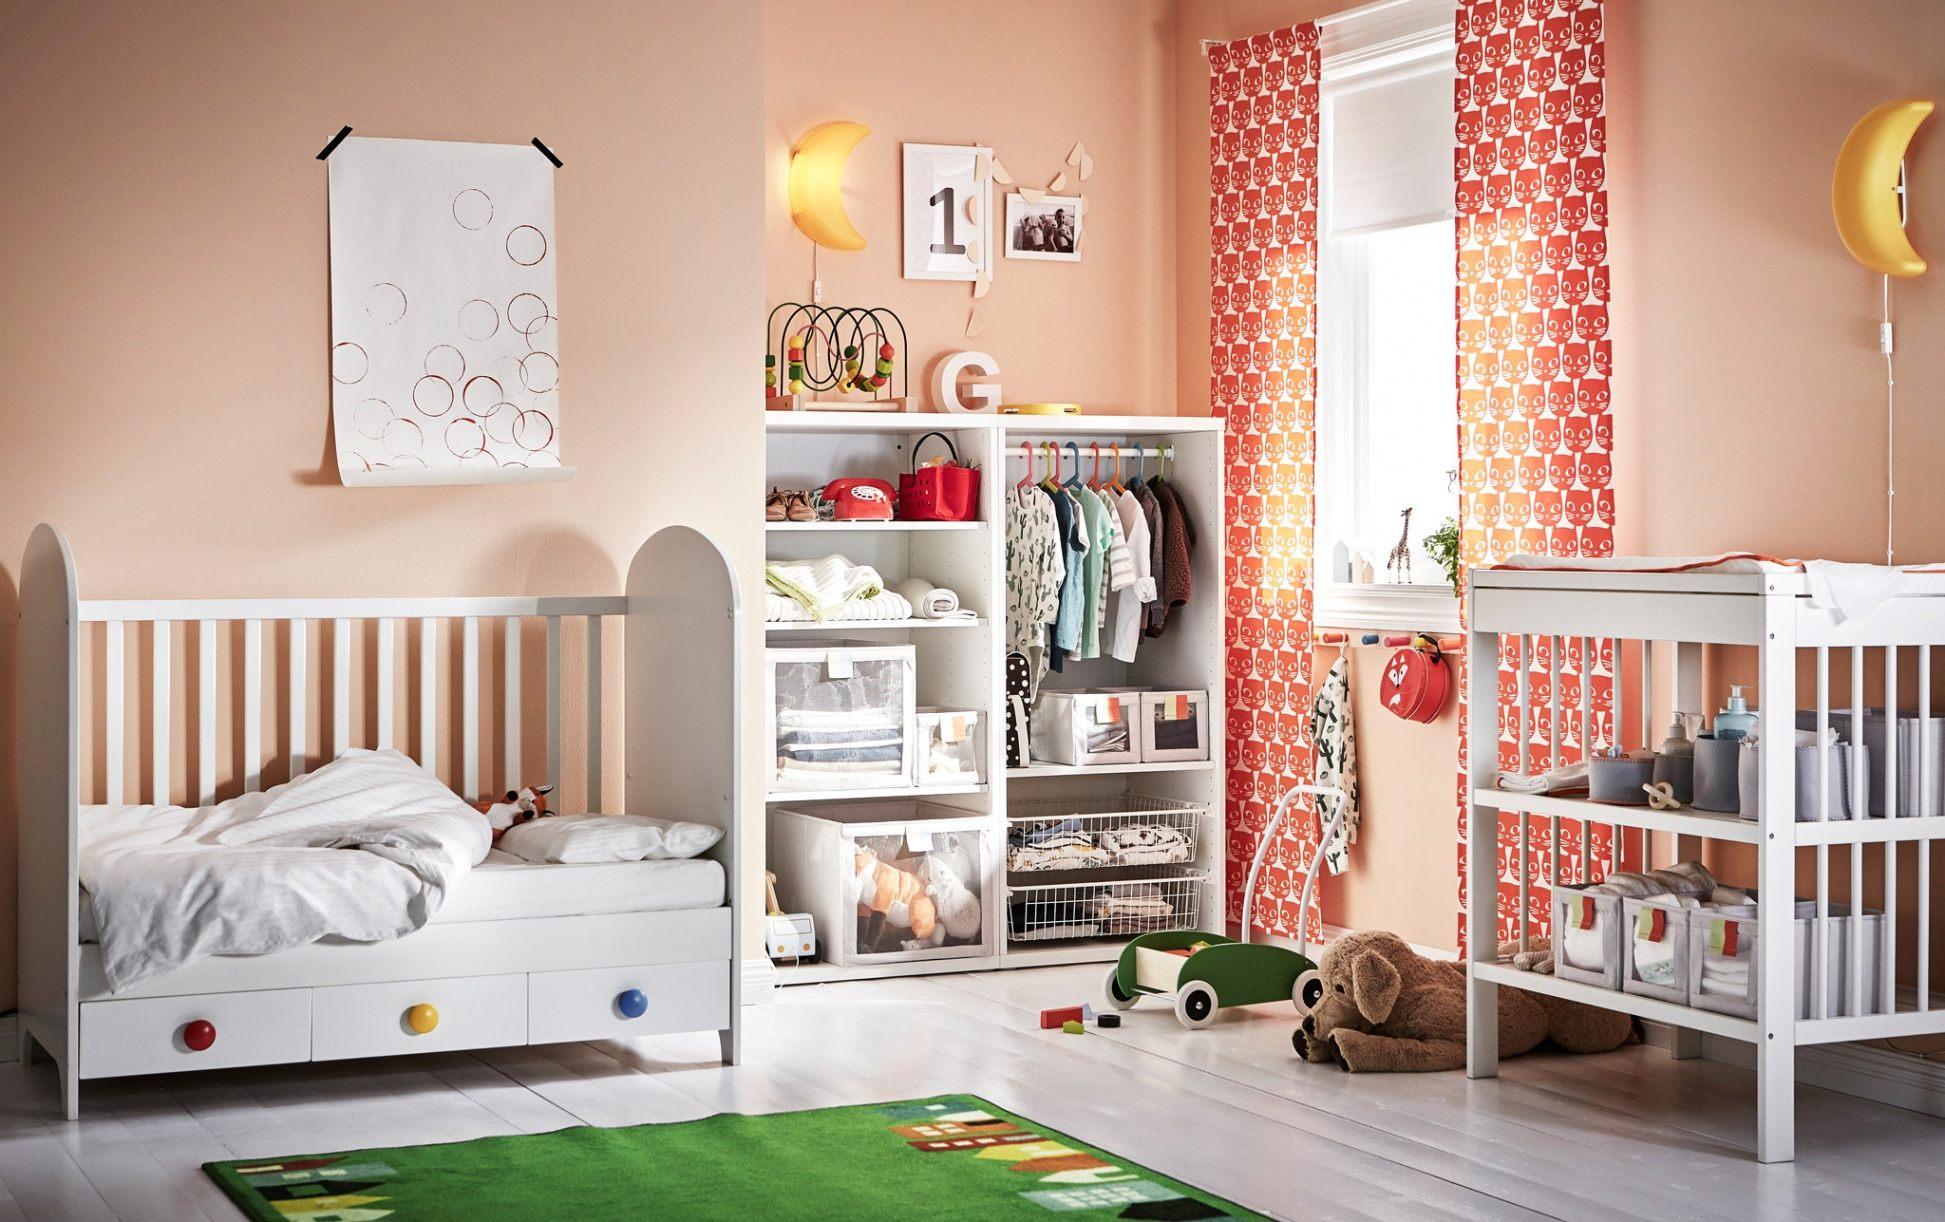 Tour De Lit Bébé Ikea Meilleur De Décoration De Chambre Pour Bébé — Mikea Galerie